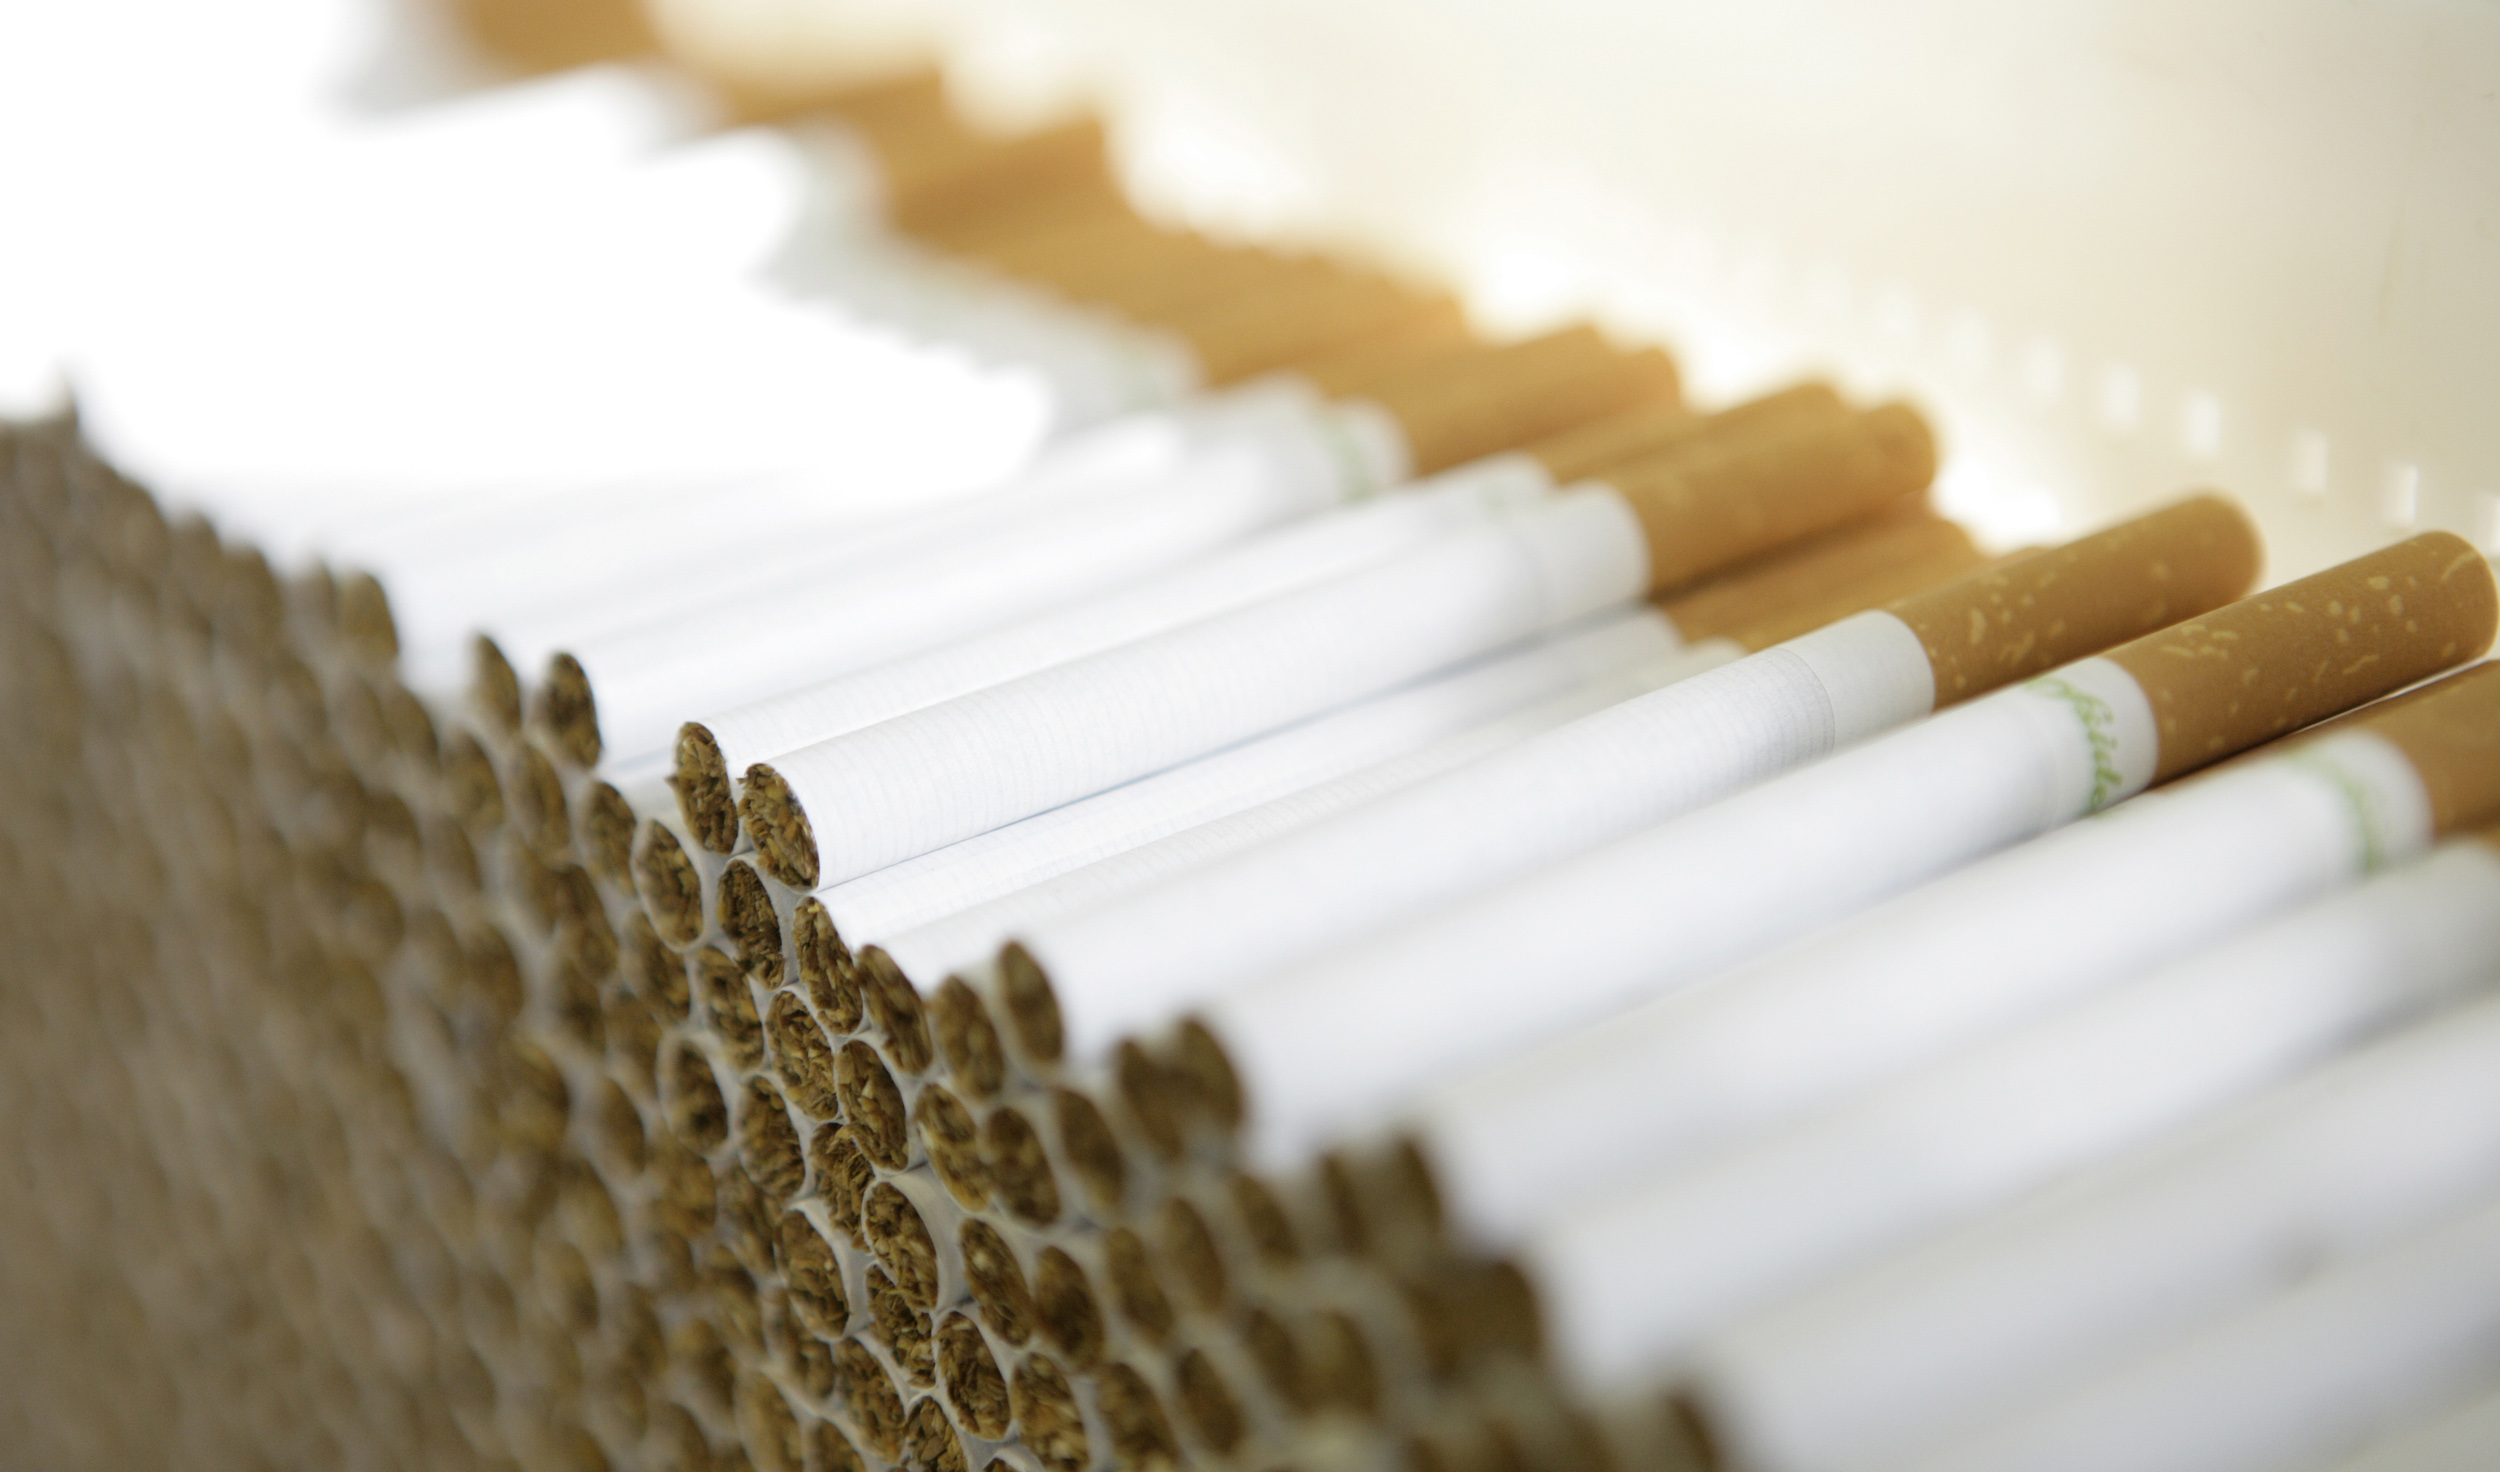 Nagyot drágul a cigi, sokan tervezik a leszokást